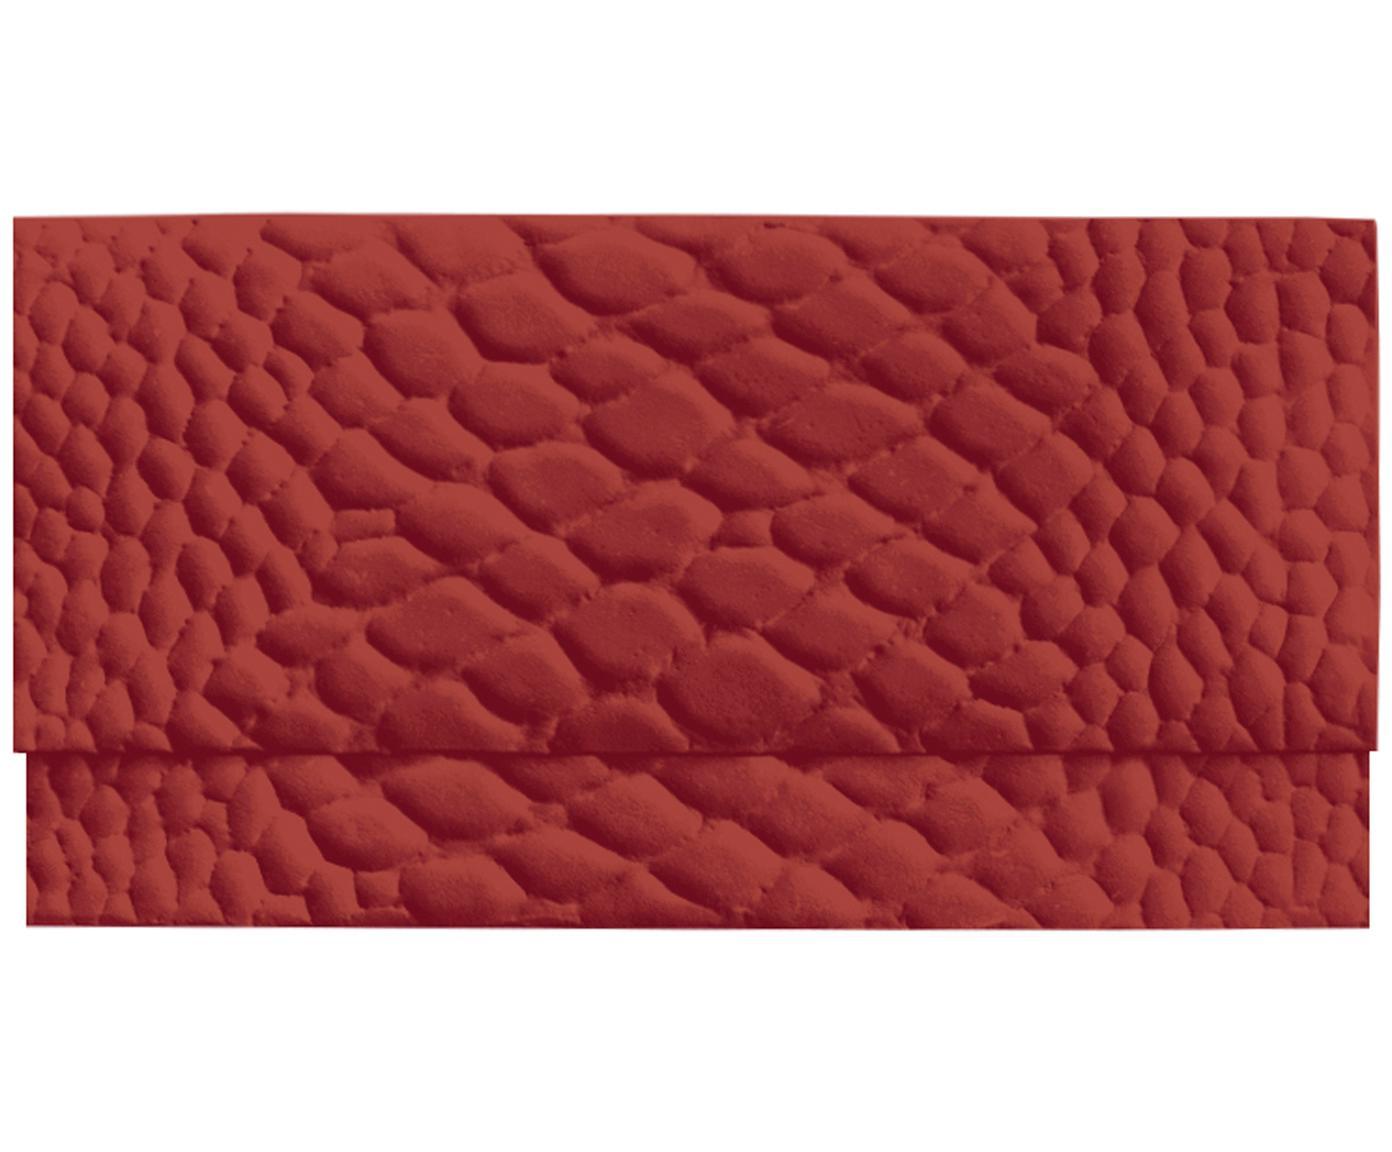 Enveloppe Snake, Papier, Rood, 23 x 12 cm